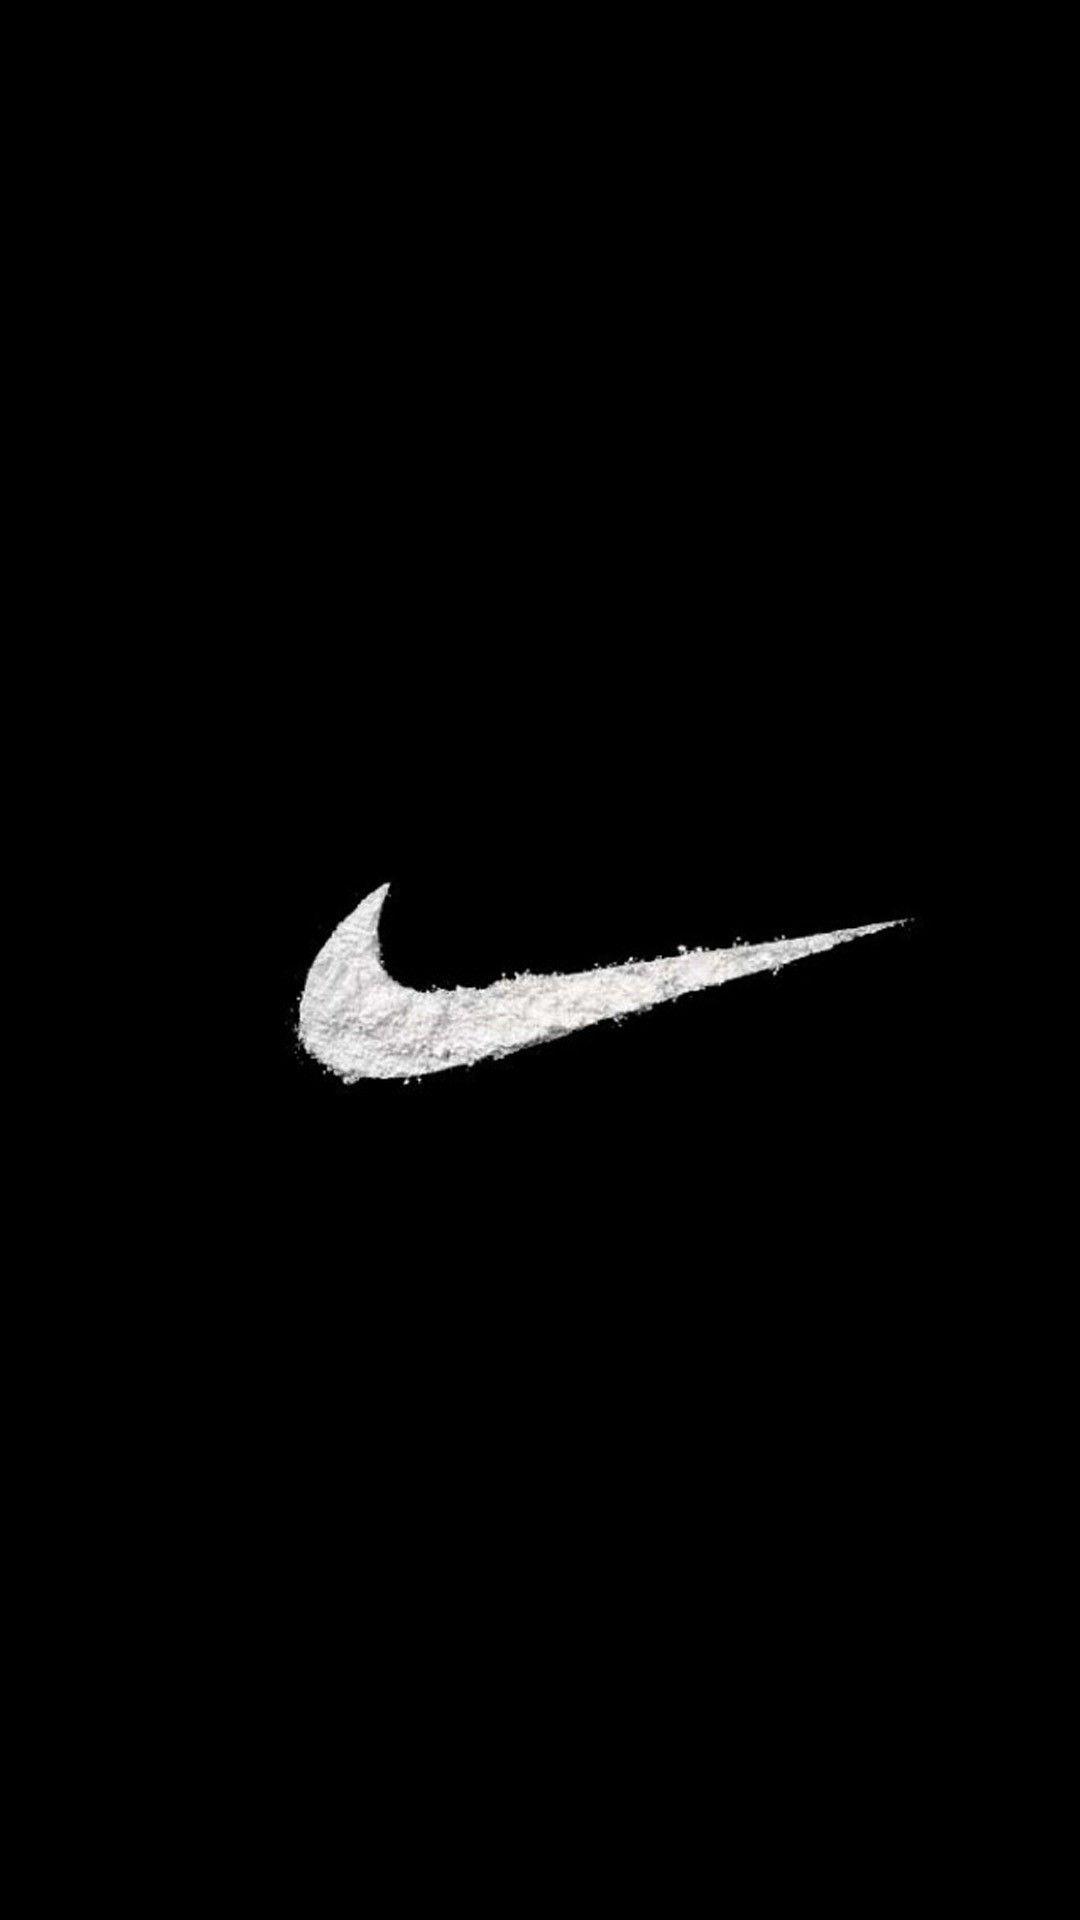 1080x1920 Nike Wallpaper Ankesh In 2019 Nike Wallpaper